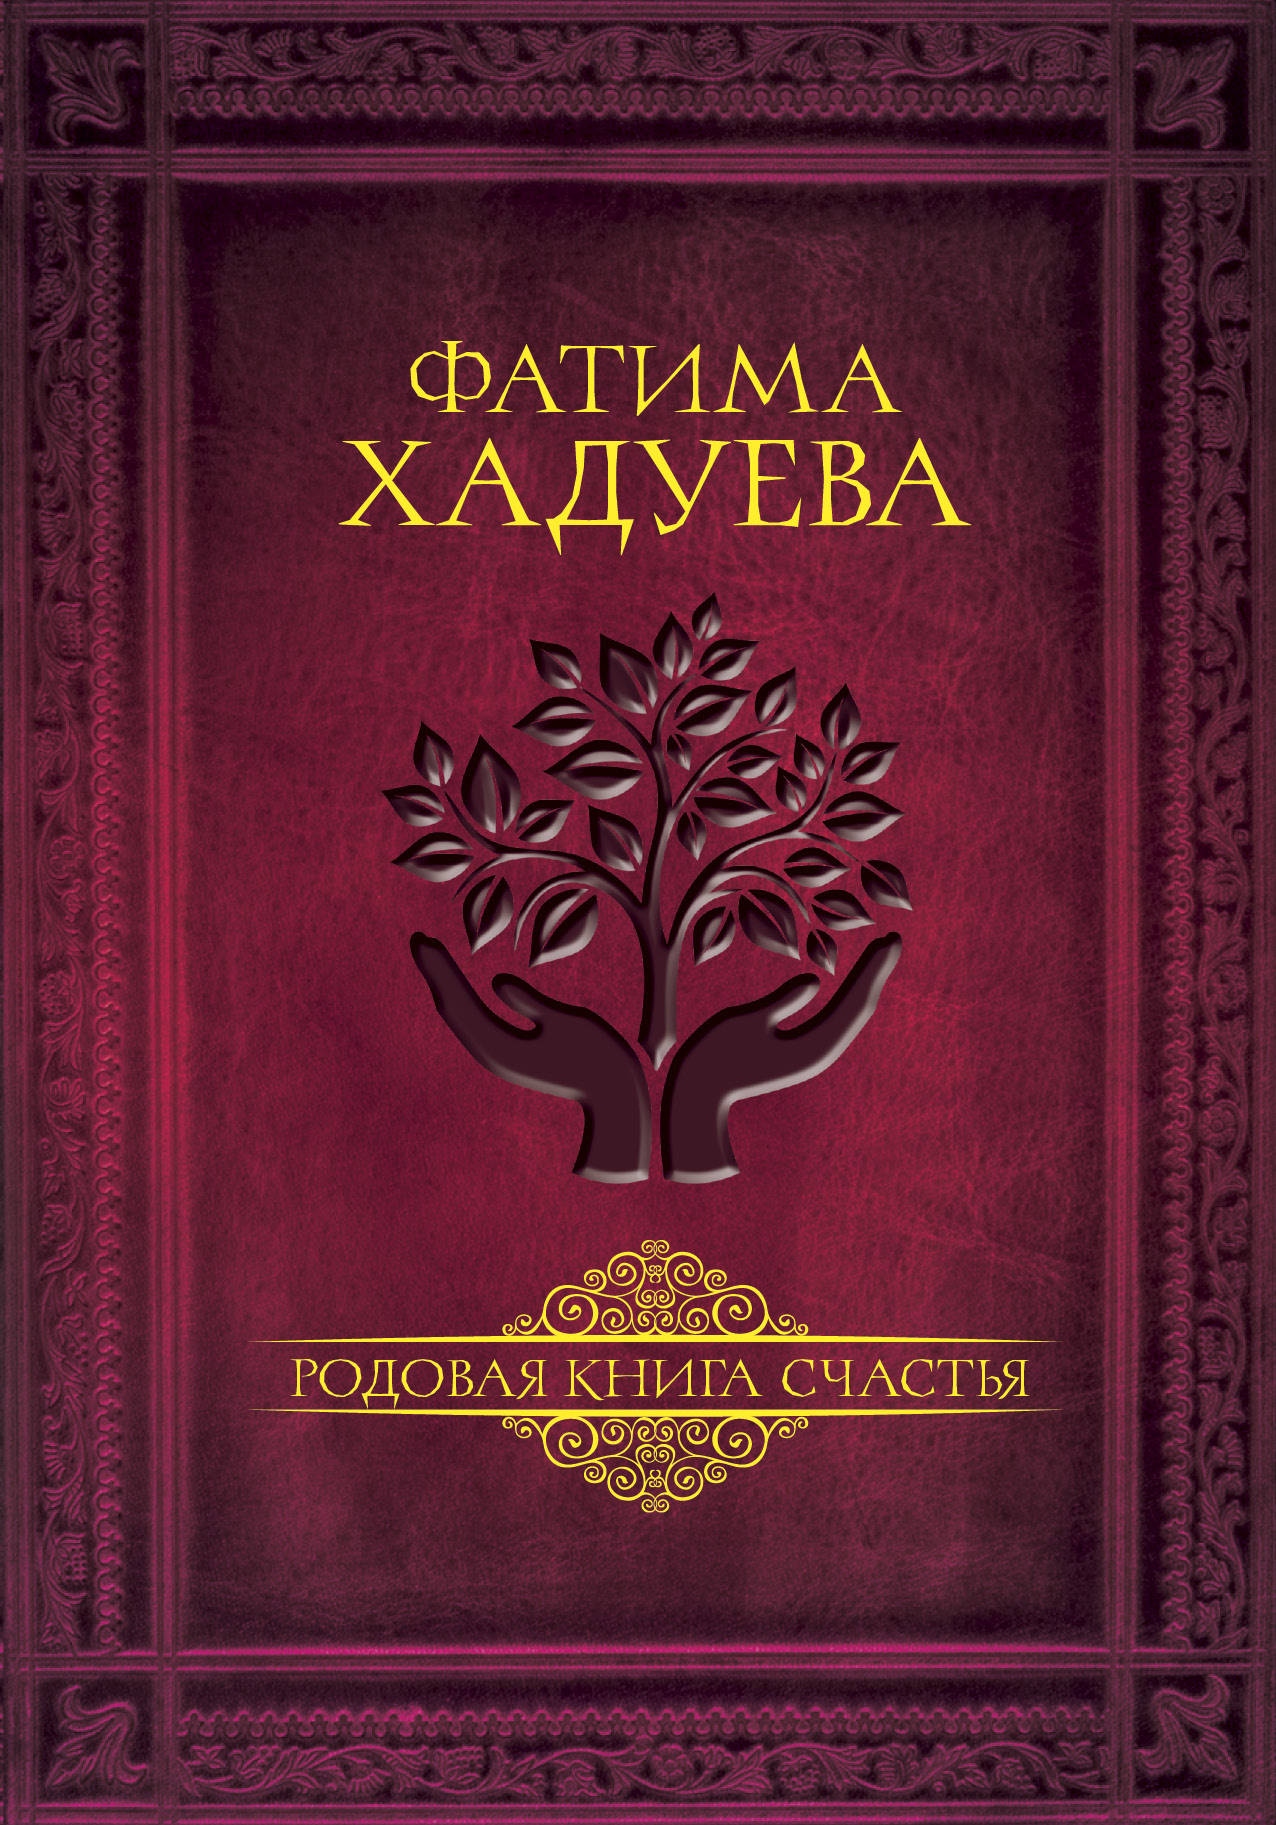 Родовая книга счастья. Фатима Хадуева